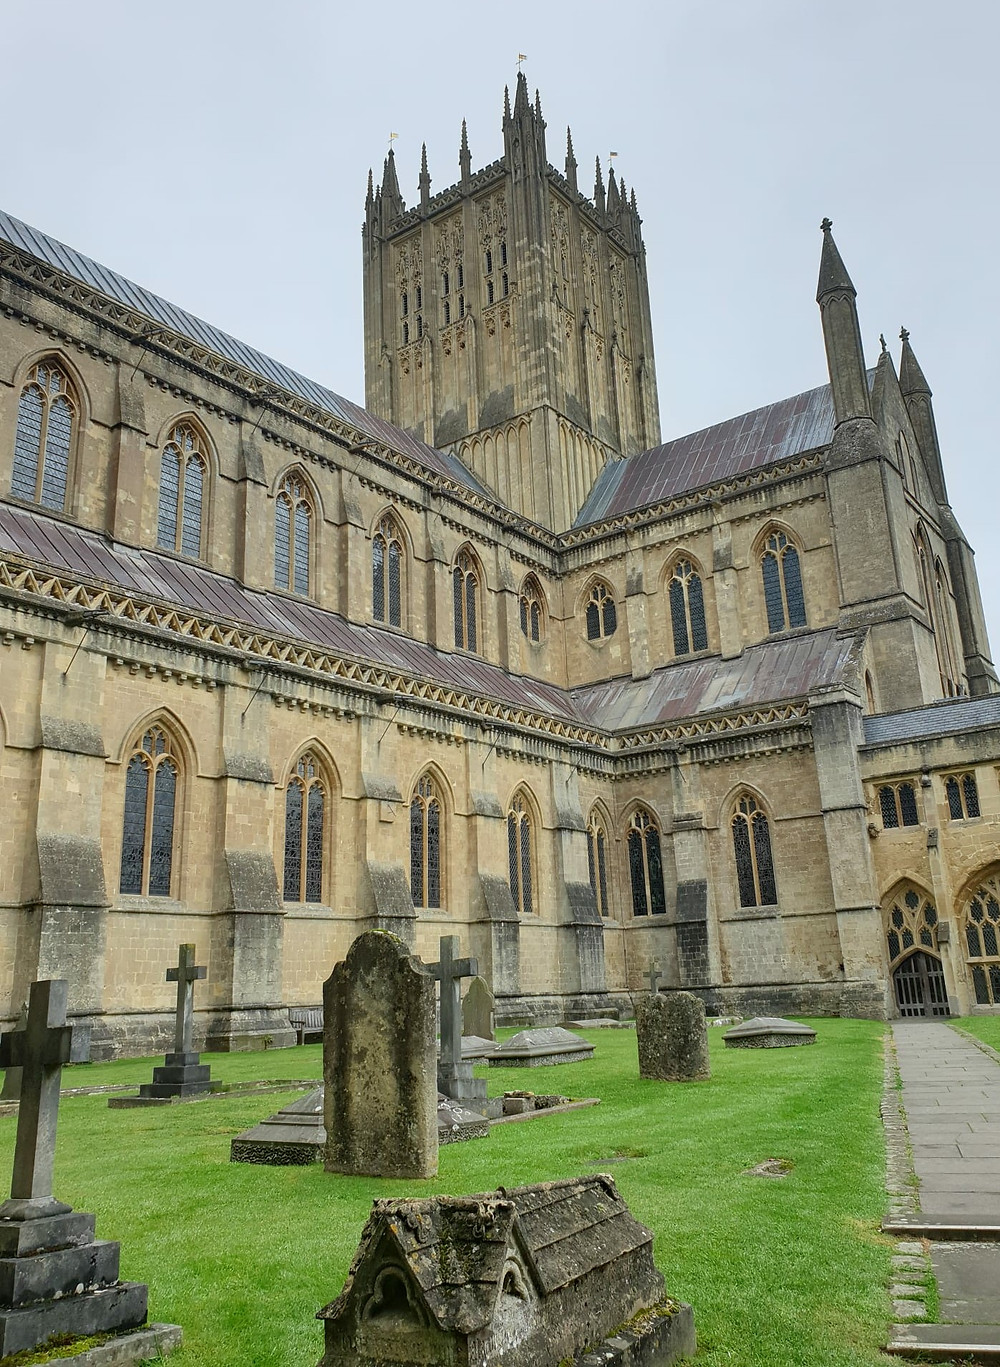 Fotoğrafta da gördüğünüz yer Wells Katedralinin bahçesi bir başka deyişle mezarlığı da diyebiliriz. Dini olarak pek bir bilgimiz olmasa da burada yatanların Hristiyanlar için önemli kişiler olduğu mezar taşlarından belliydi.